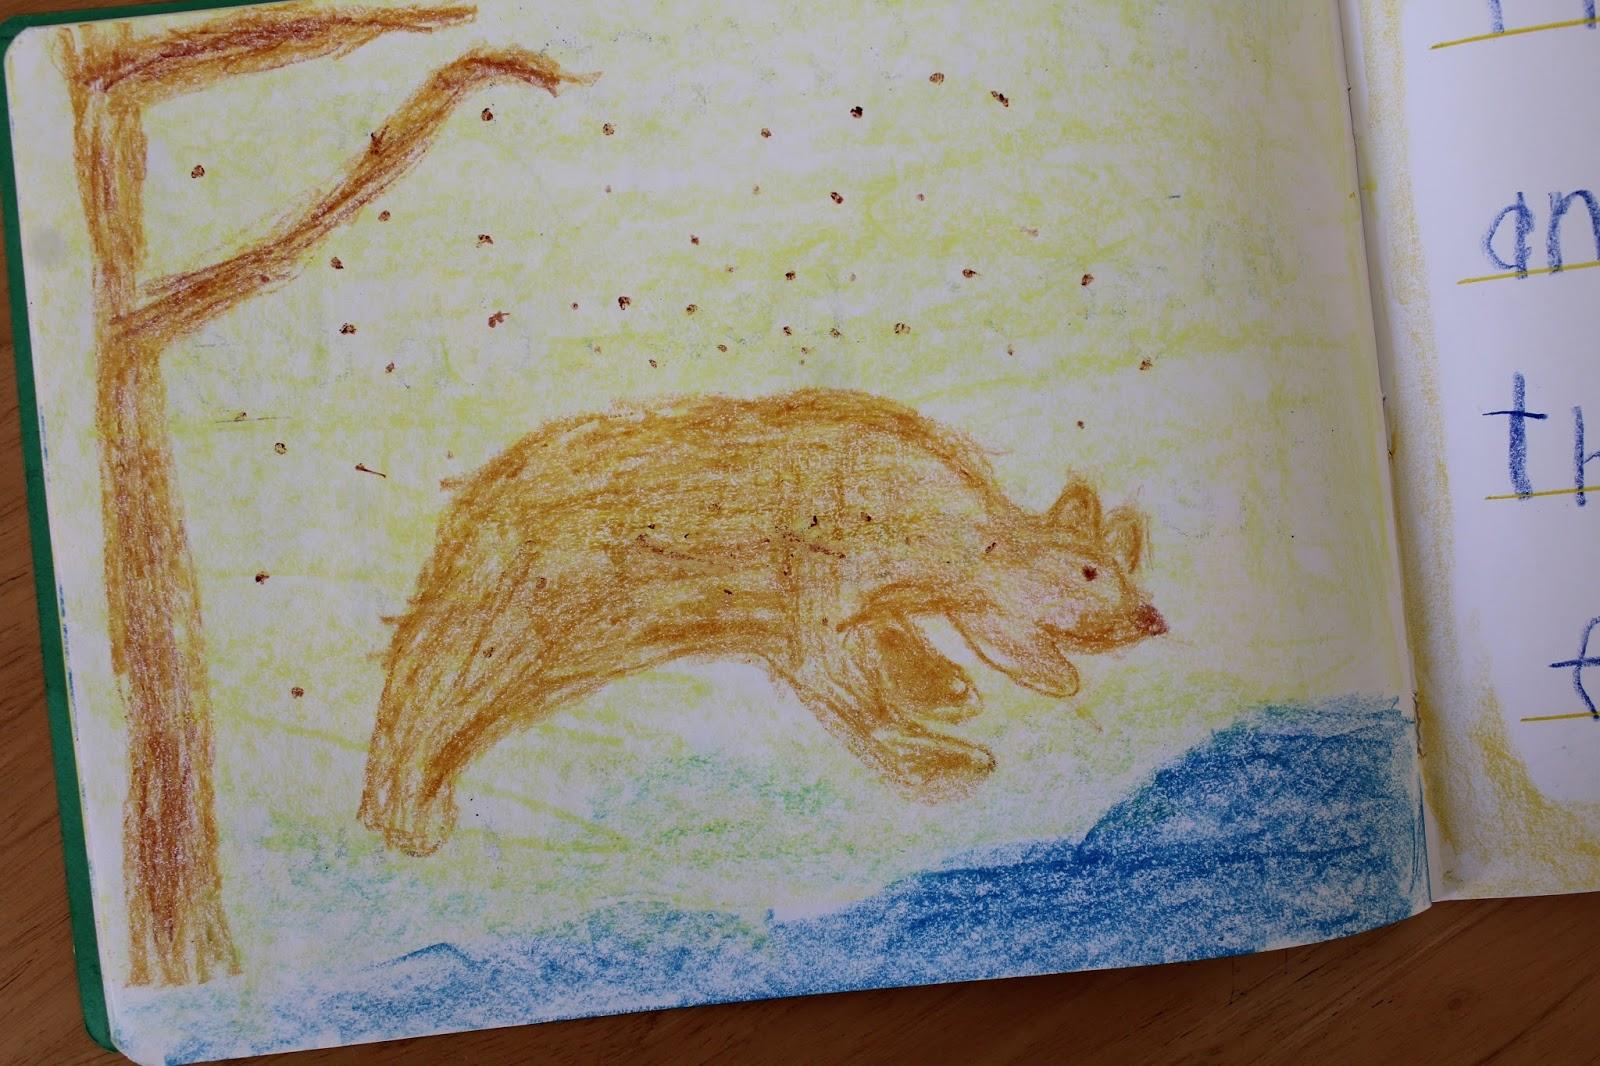 bear_drawing.JPG